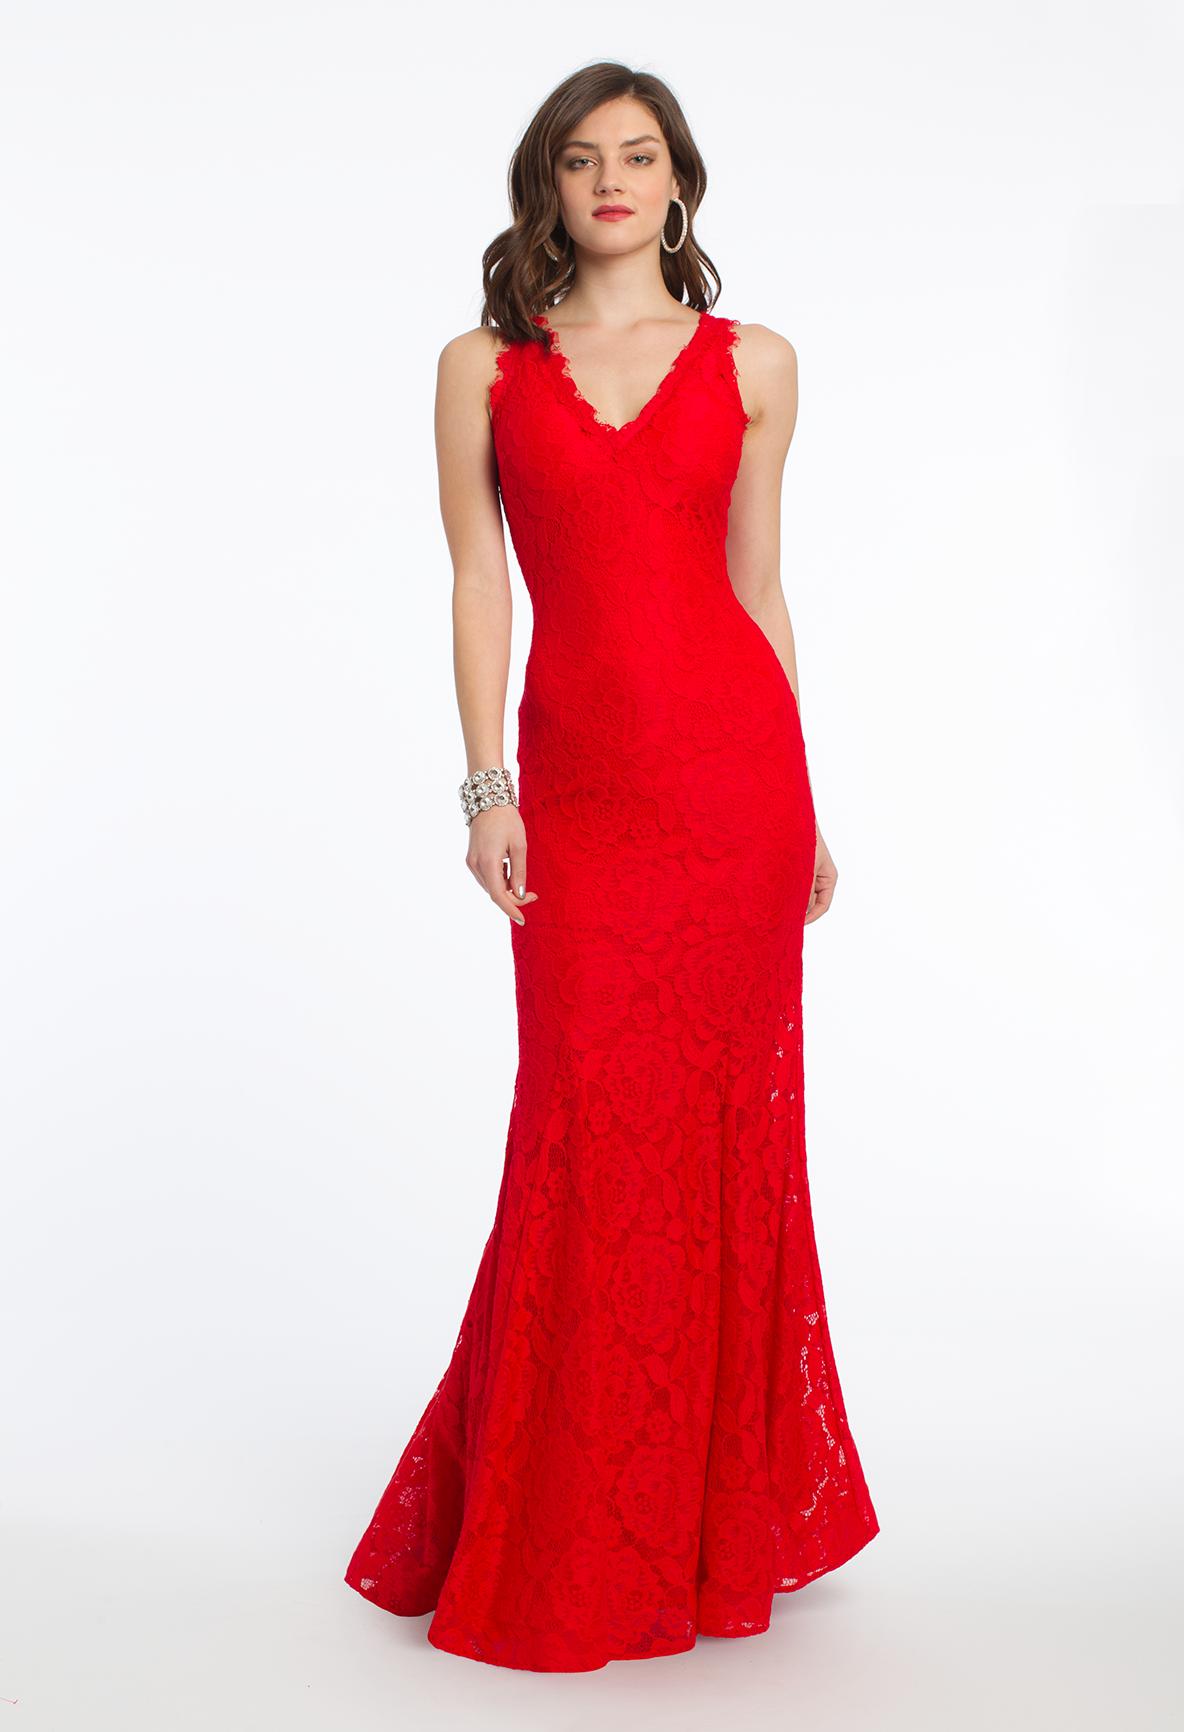 Rose lace v neck tank dress